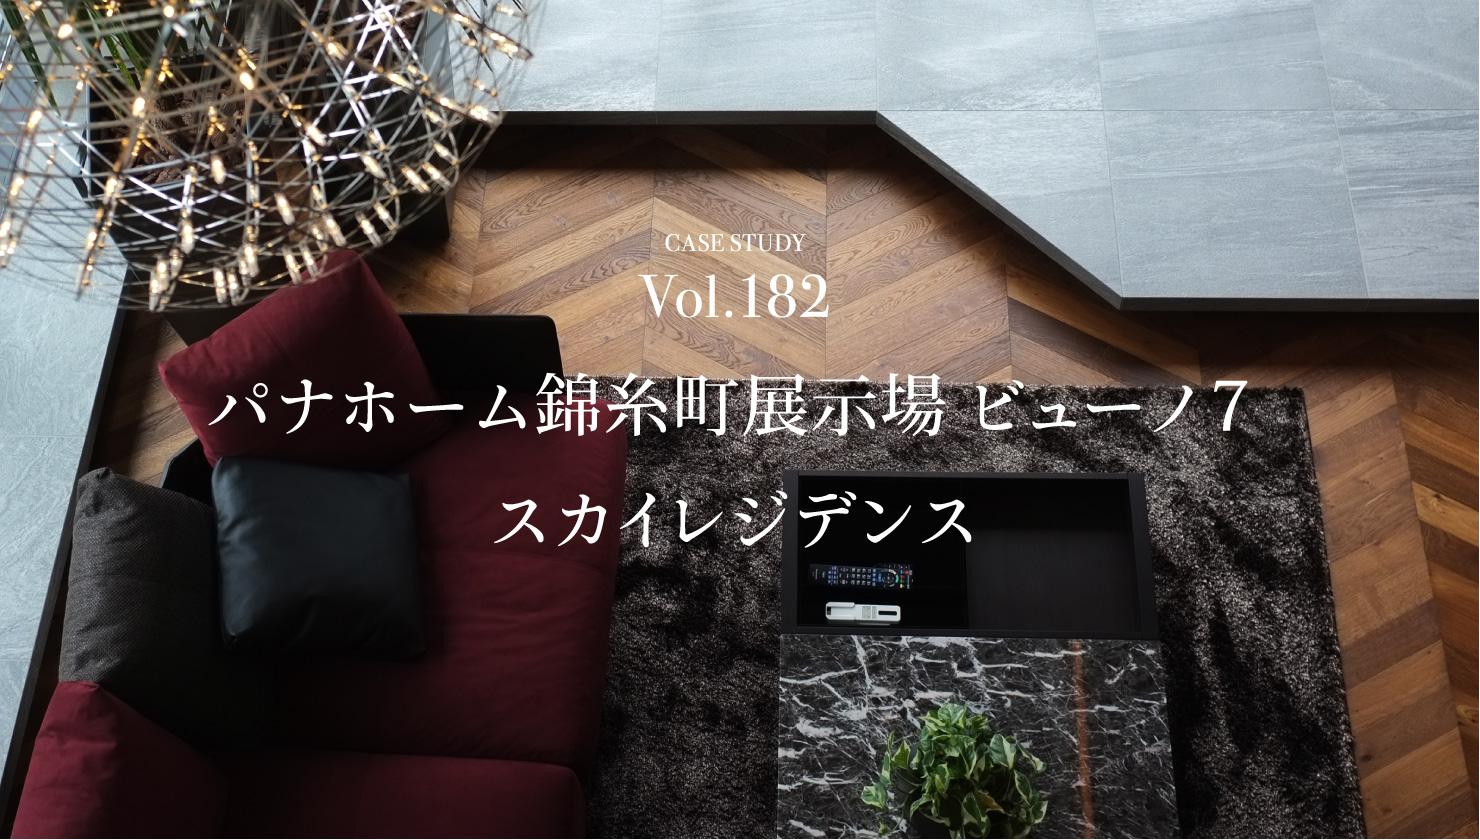 CASE STUDY Vol.182 パナホーム錦糸町展示場 ビューノ7 スカイレジデンス